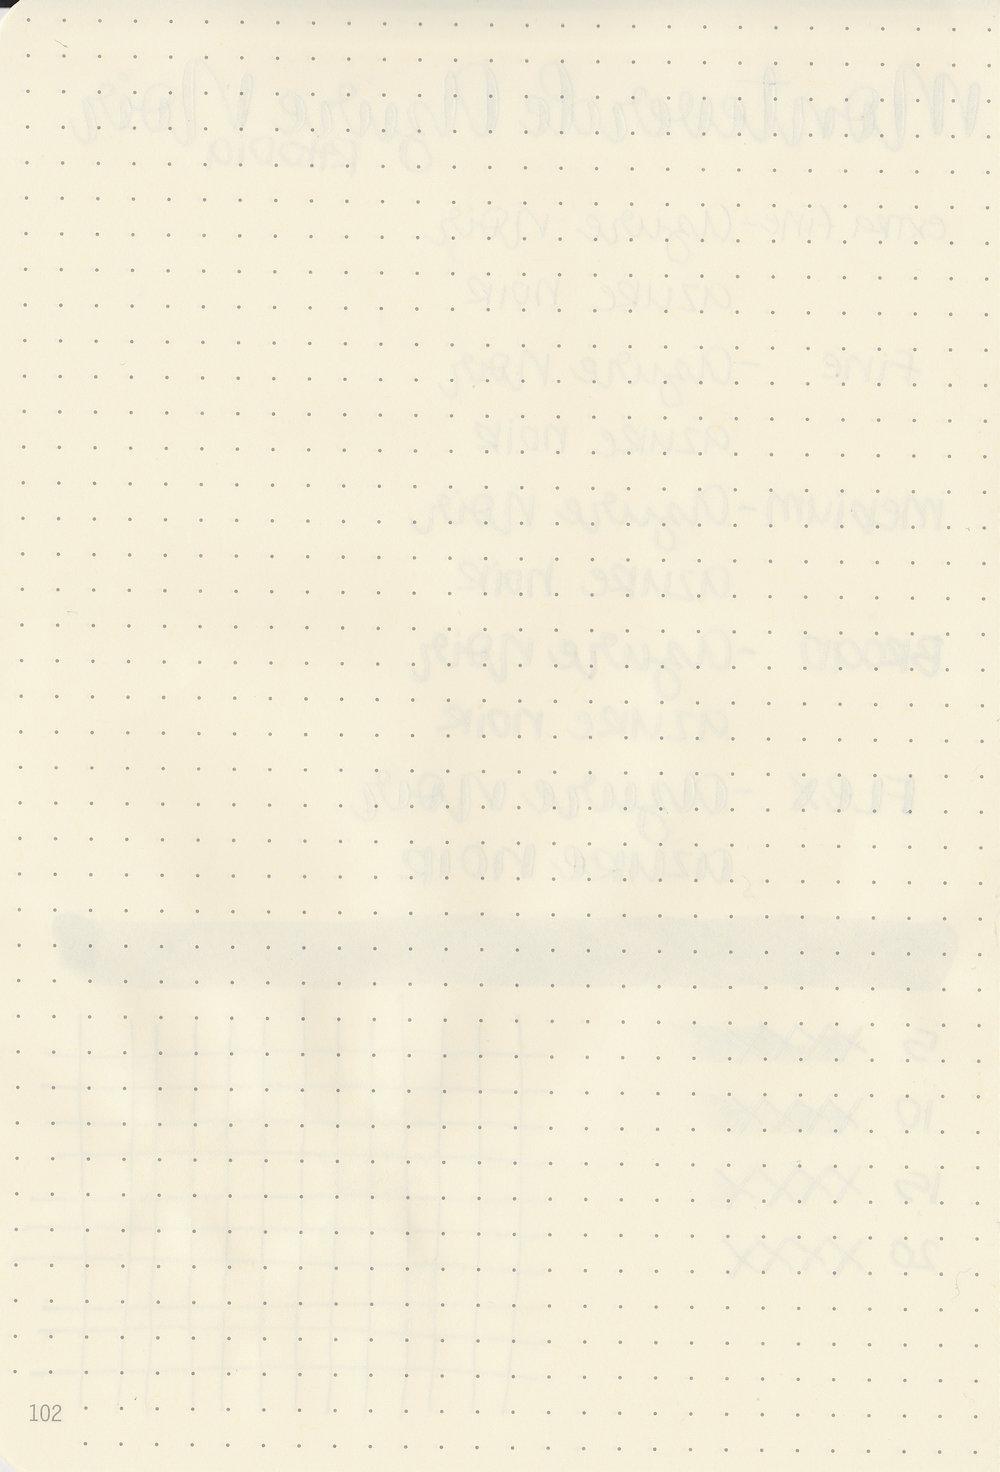 mv-azure-noir-7.jpg